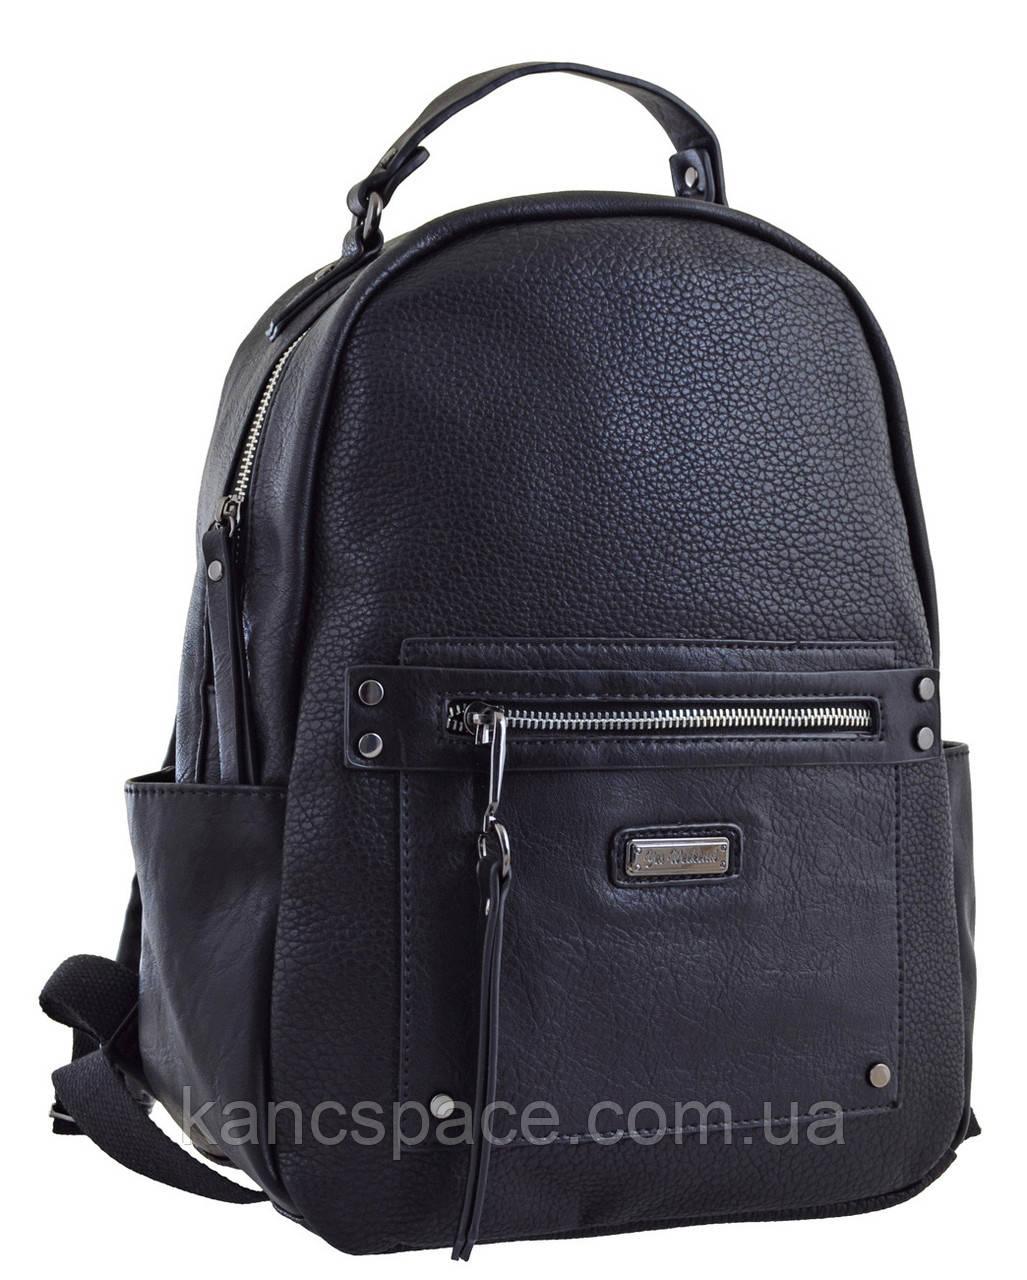 Рюкзак жіночий YW-14, чорний